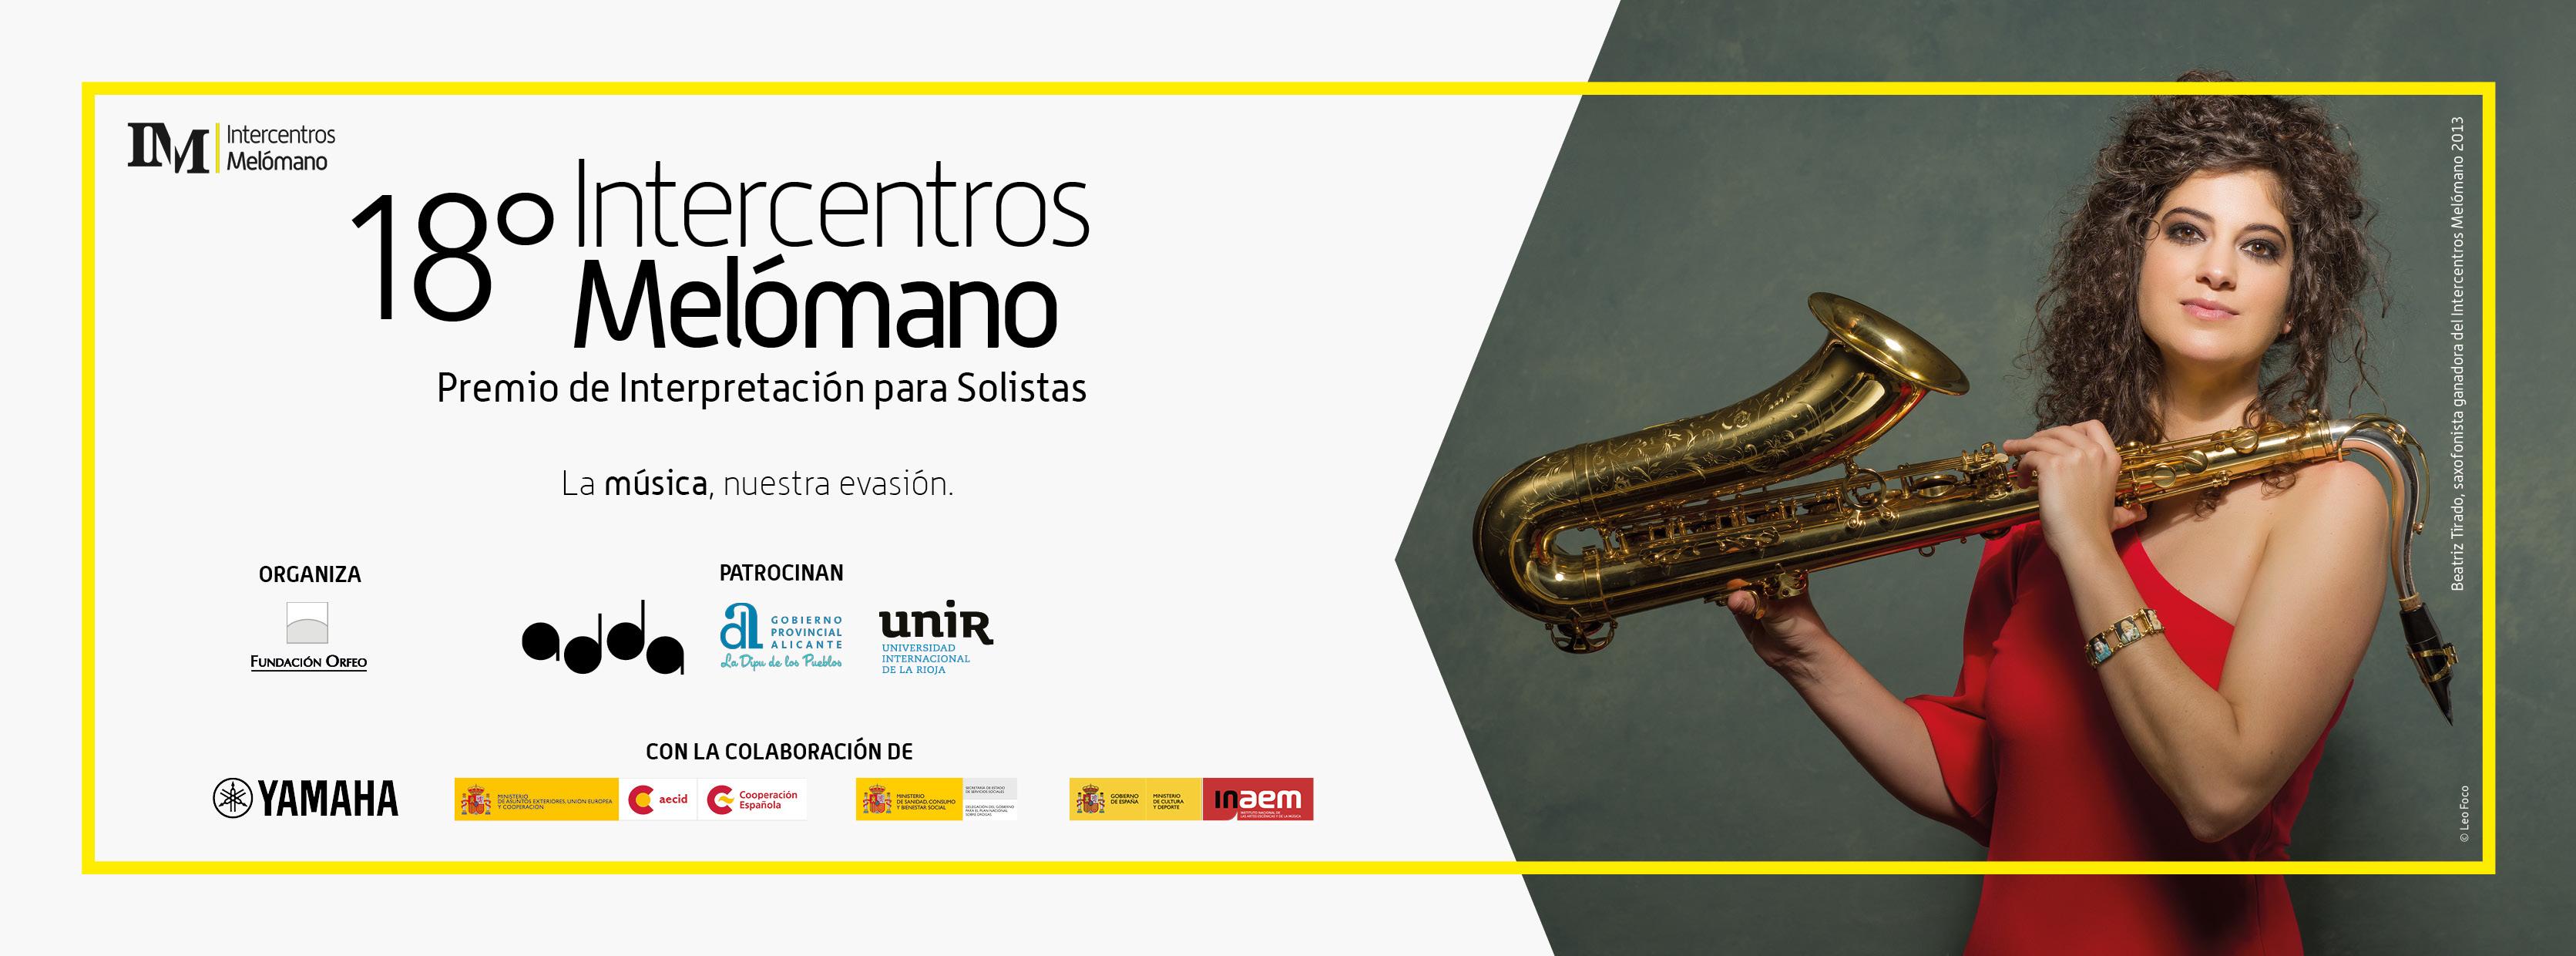 El día 25 se celebra el primer Día Mundial de la Ópera